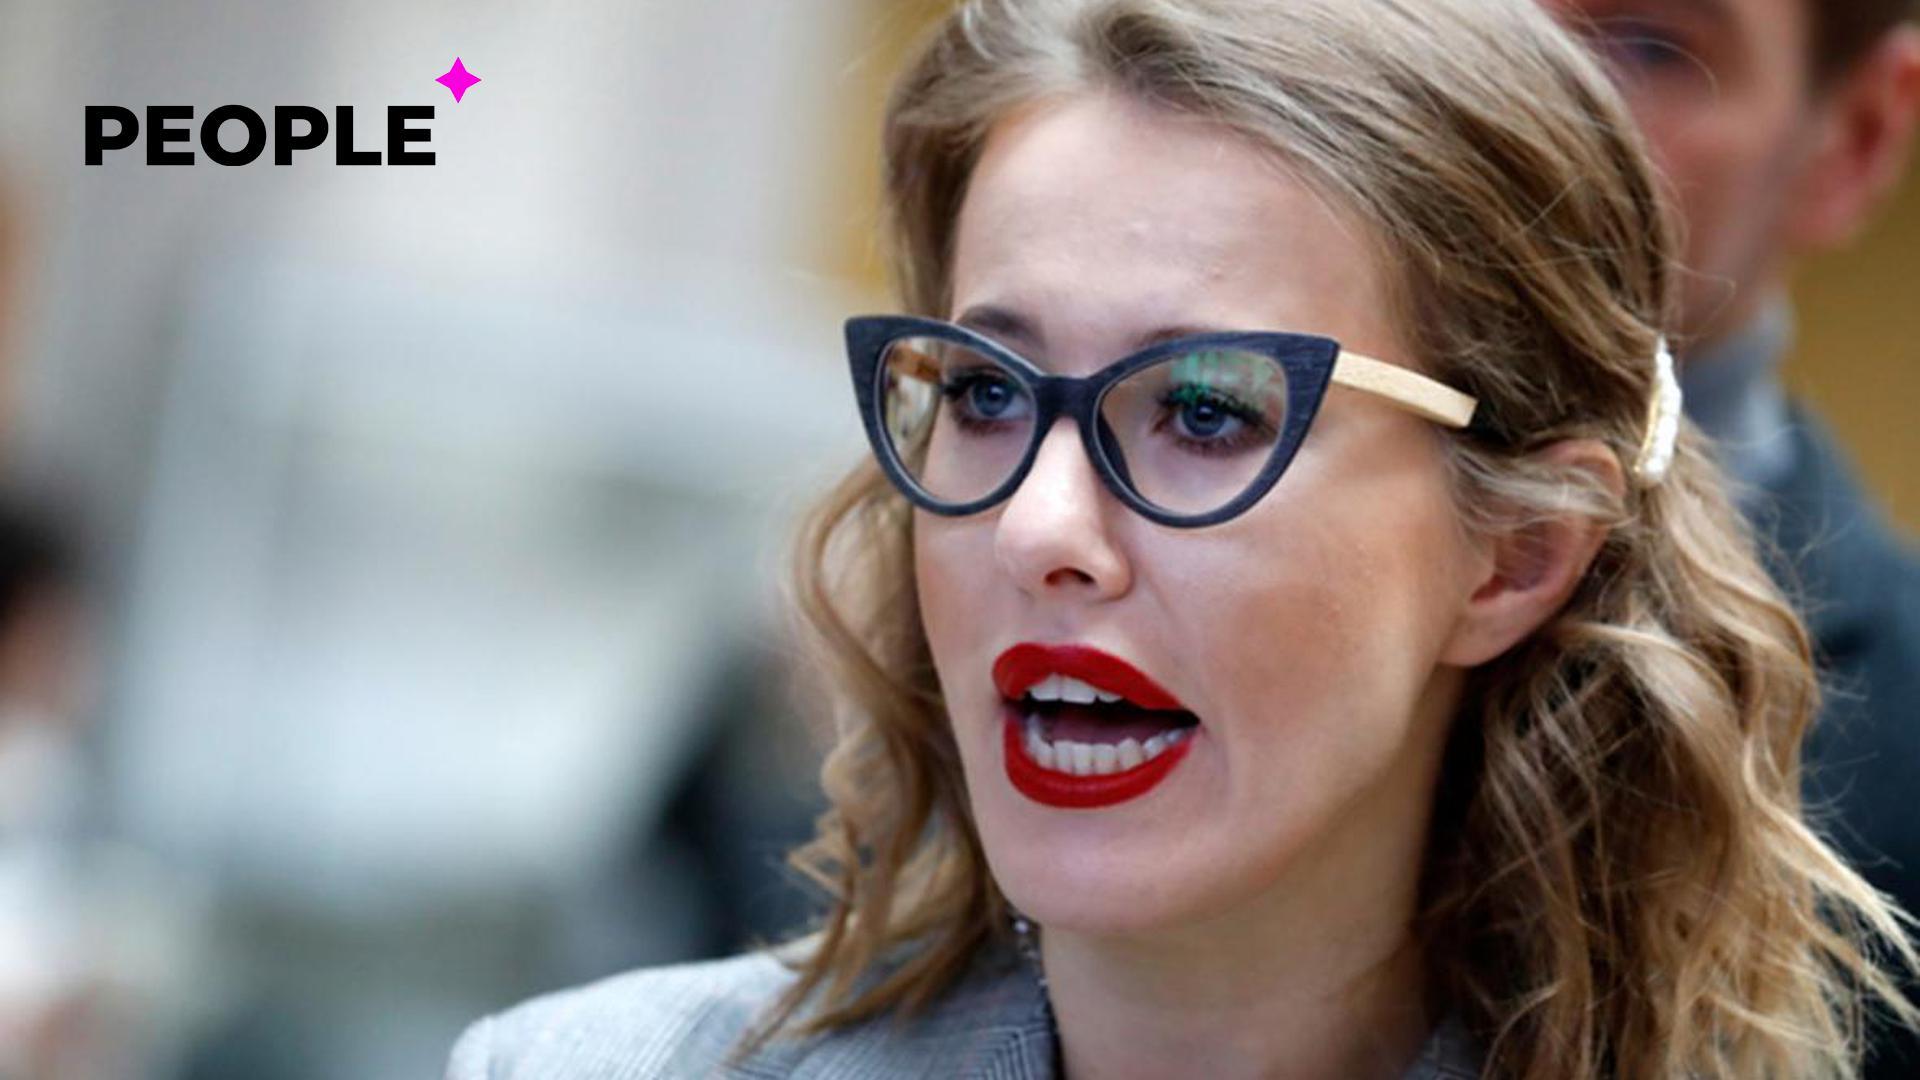 Ксения Собчак рассказала, как наказывает своих сотрудников